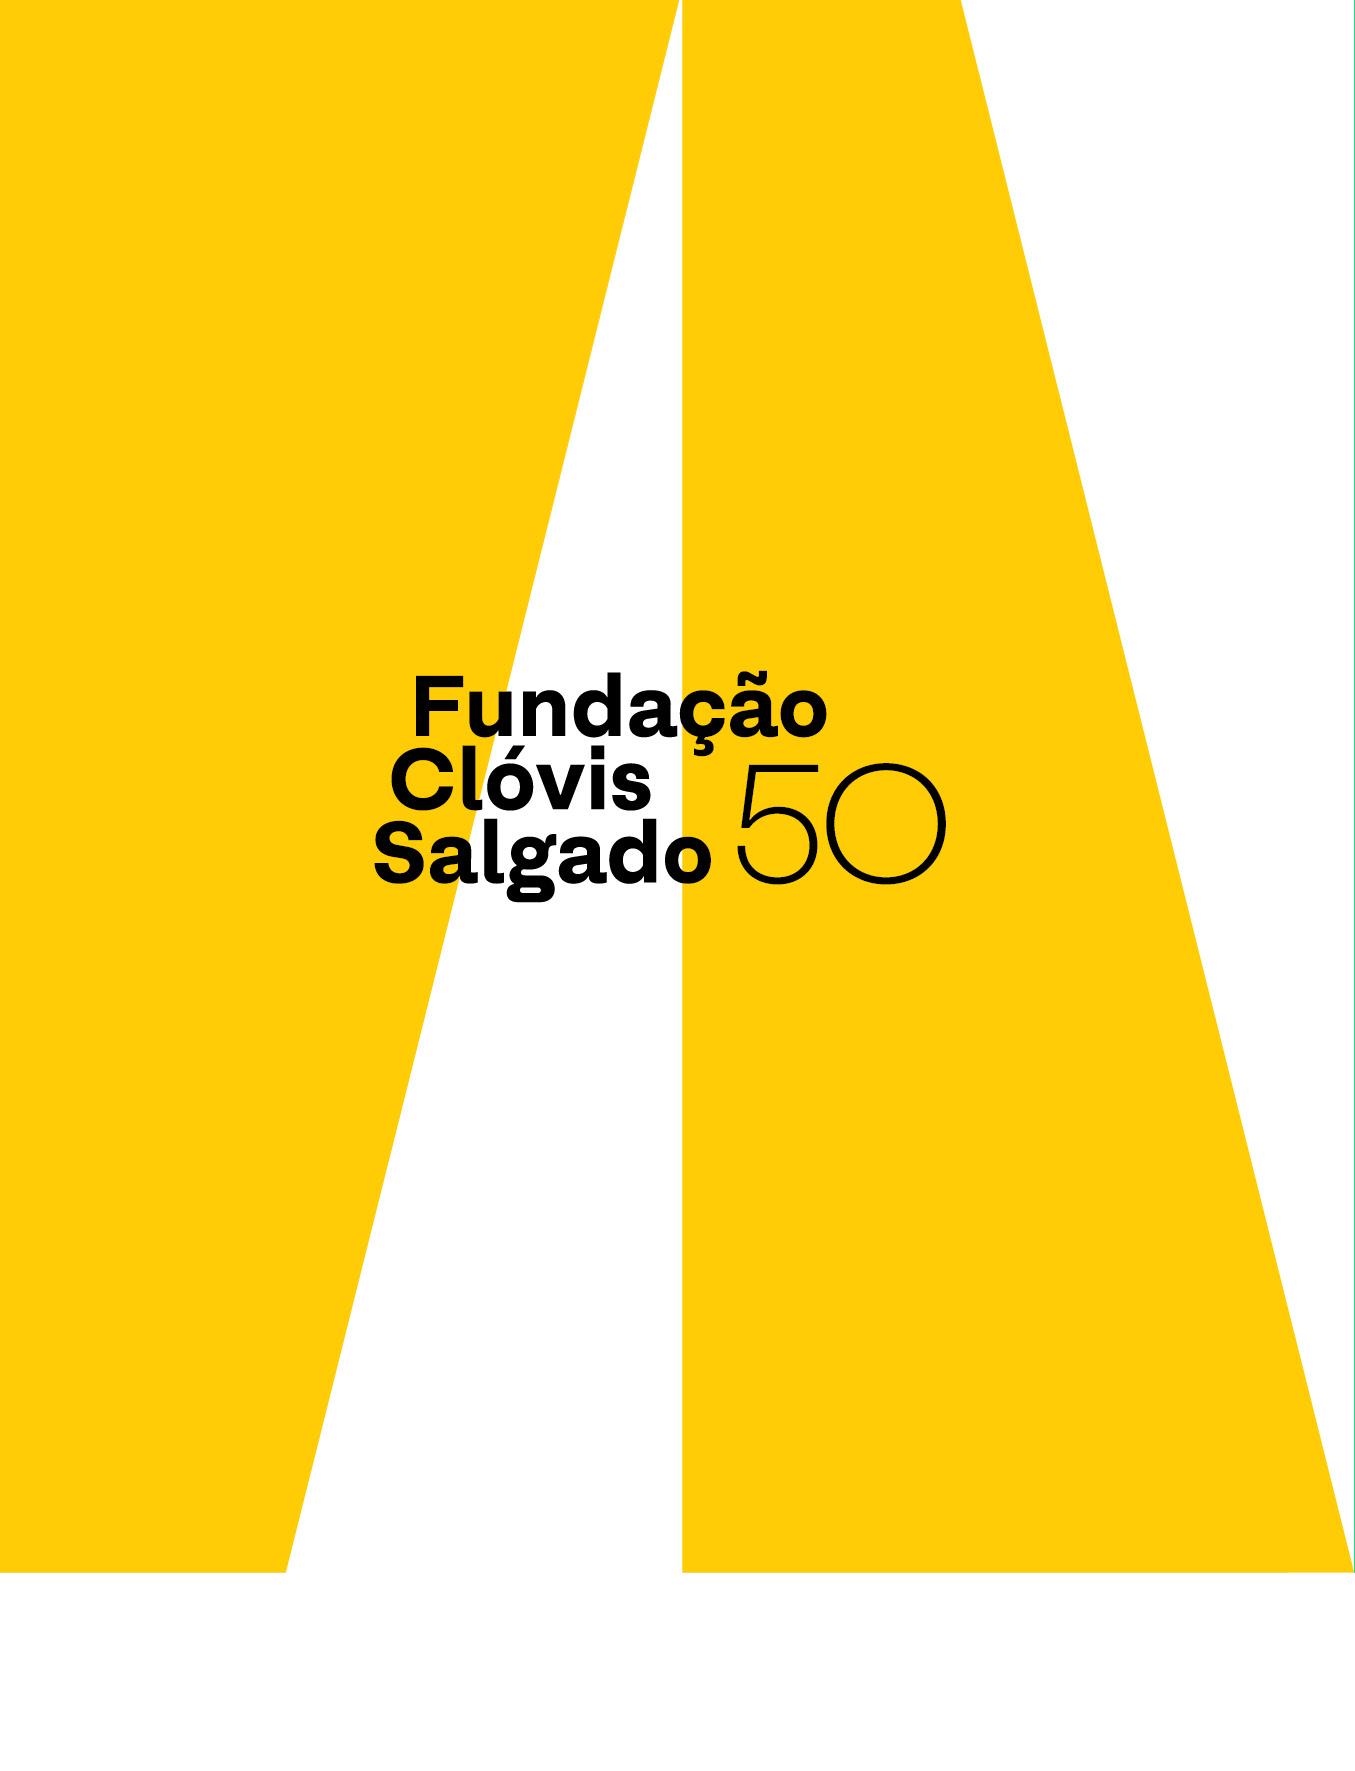 Evento: Ao completar 50 anos, FCS tem nova identidade visual